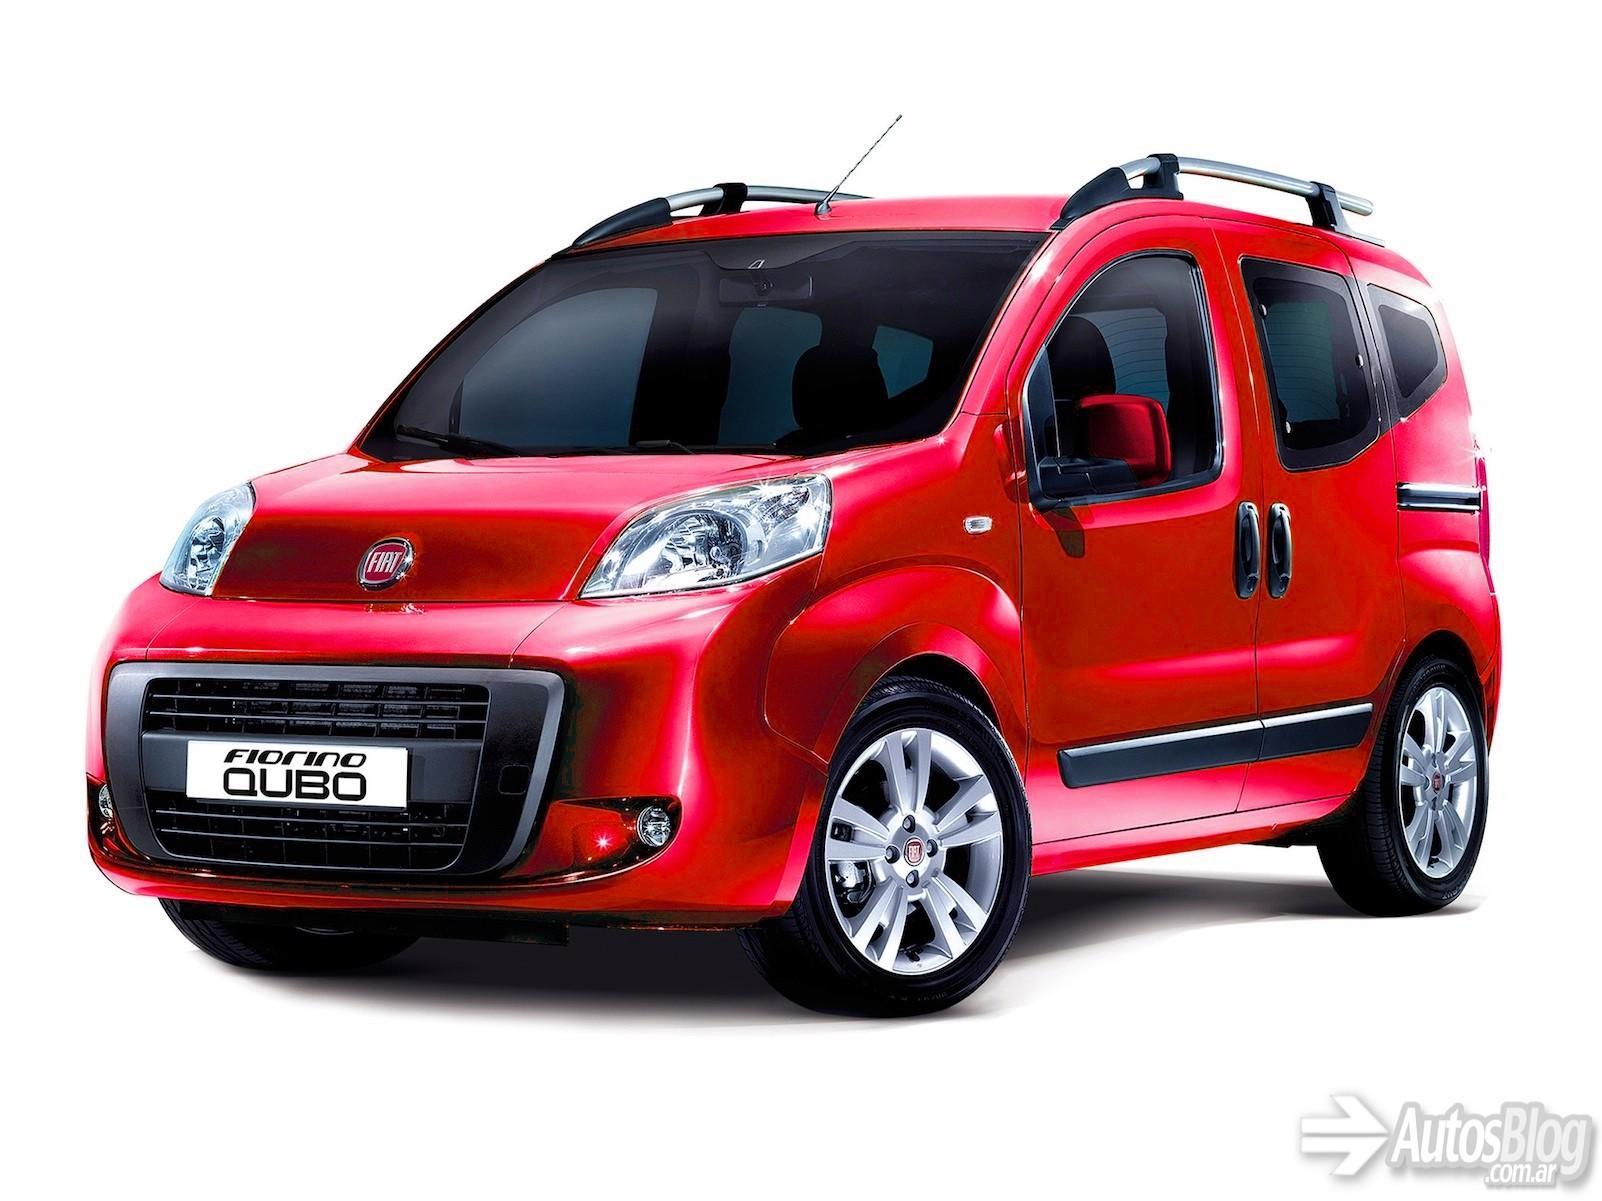 Chiptuning Fiat Qubo 1.4i 70 pk